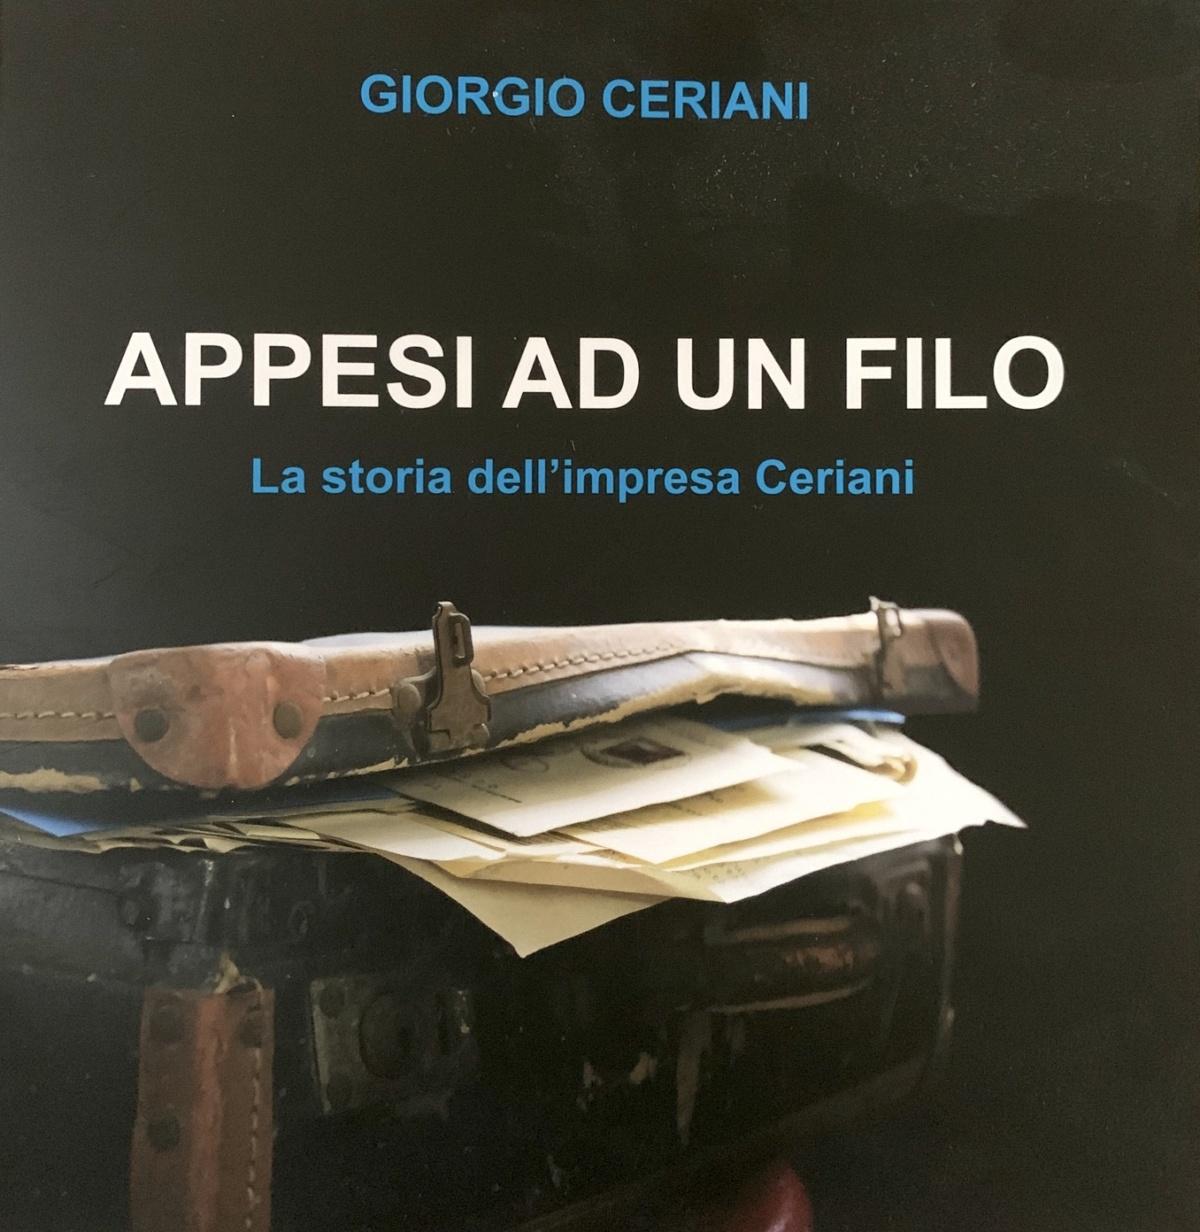 """""""Appesi ad un filo"""", il nuovo libro sulla storia dell'impresa Ceriani di Rovereto"""